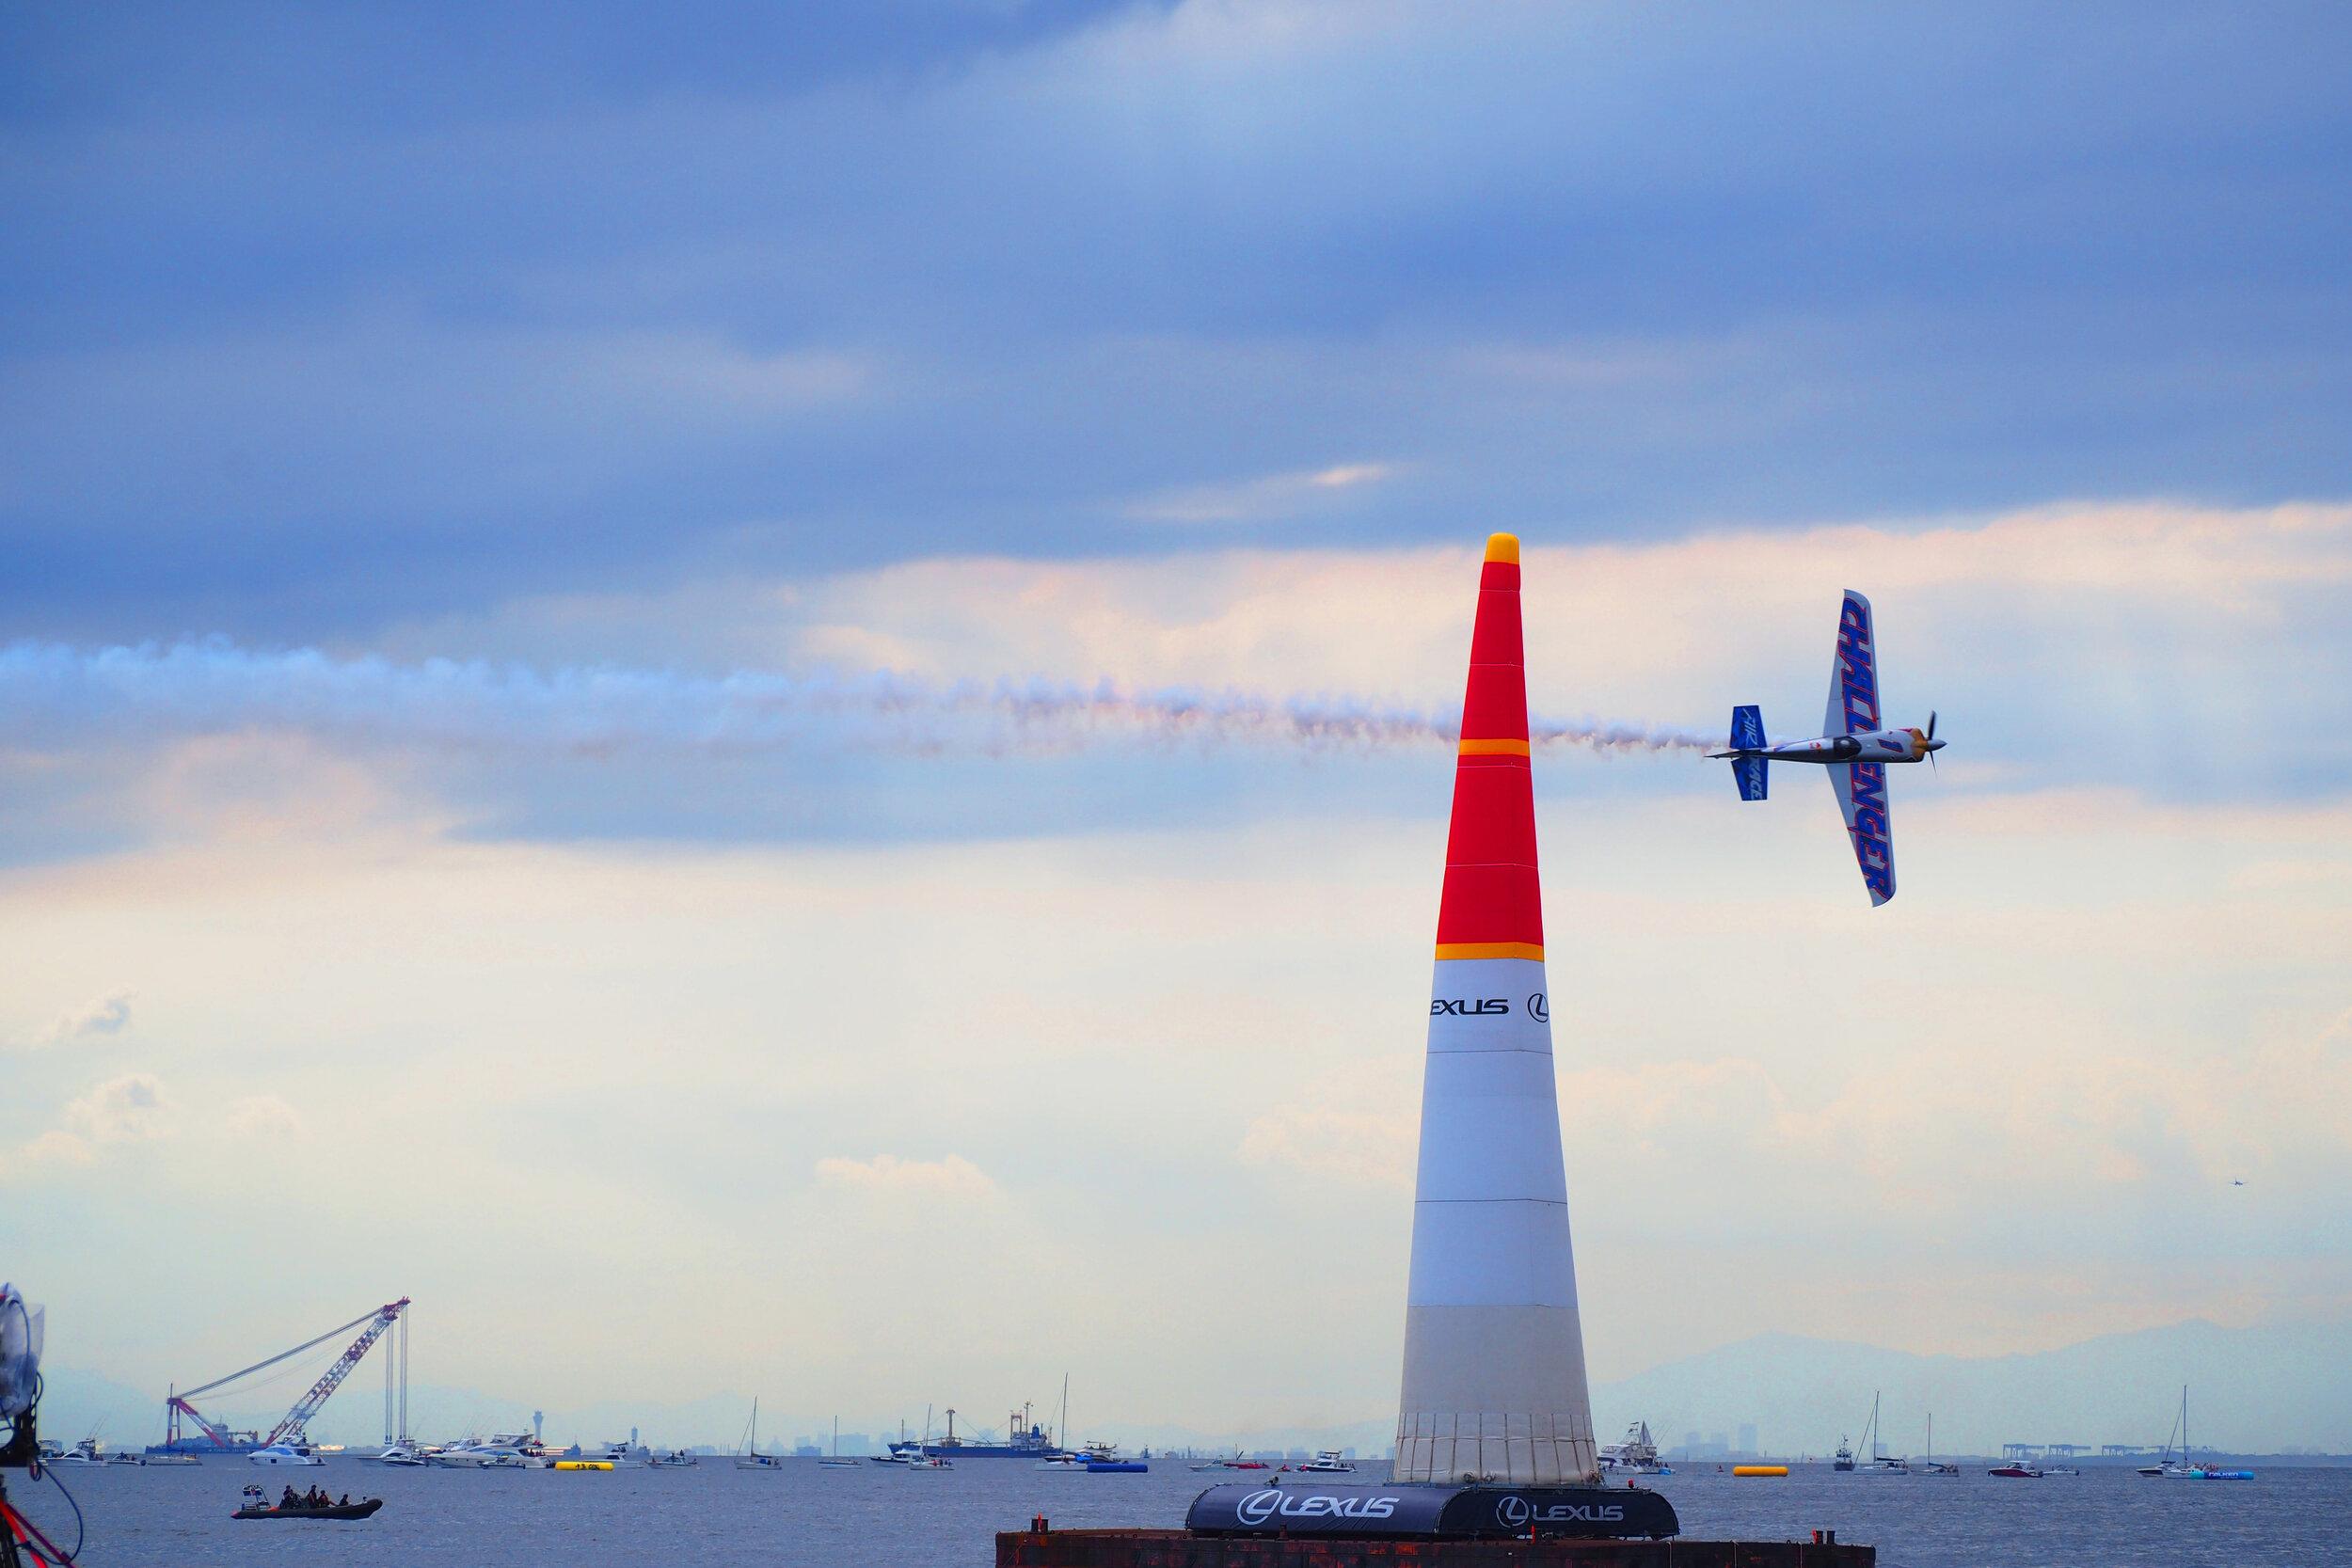 Red Bull Air Race Chiba